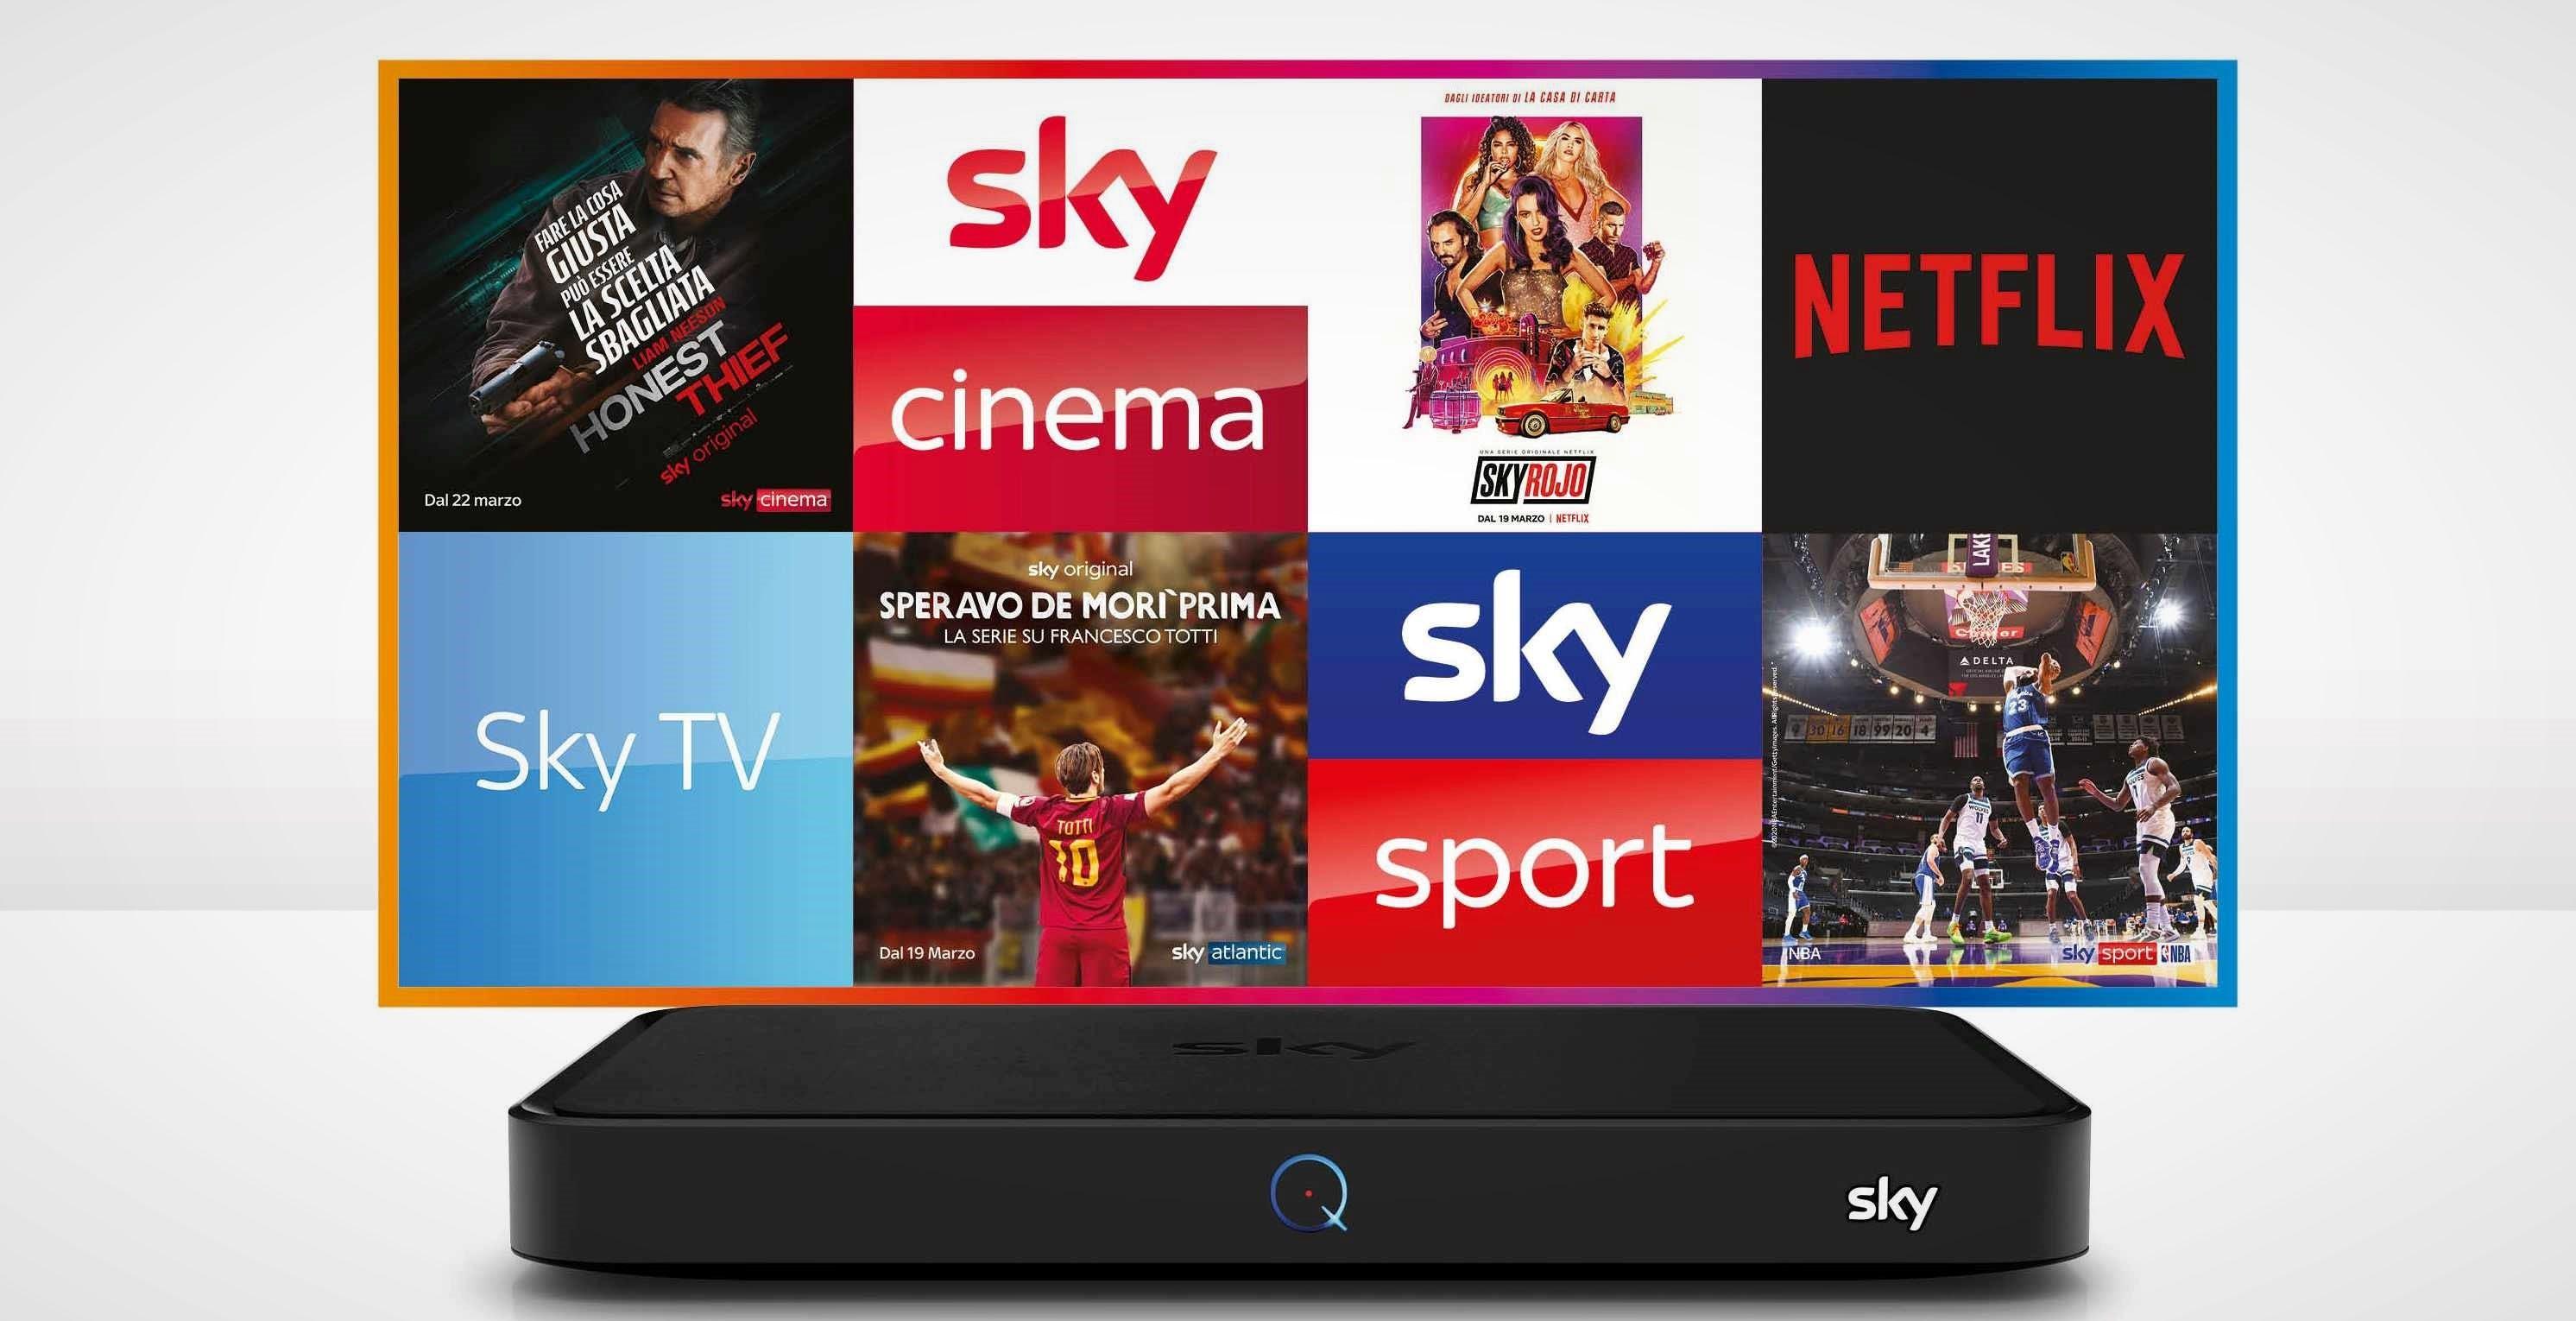 Sky Q in prova per 30 giorni: costa 9 euro e include sport, cinema e intrattenimento